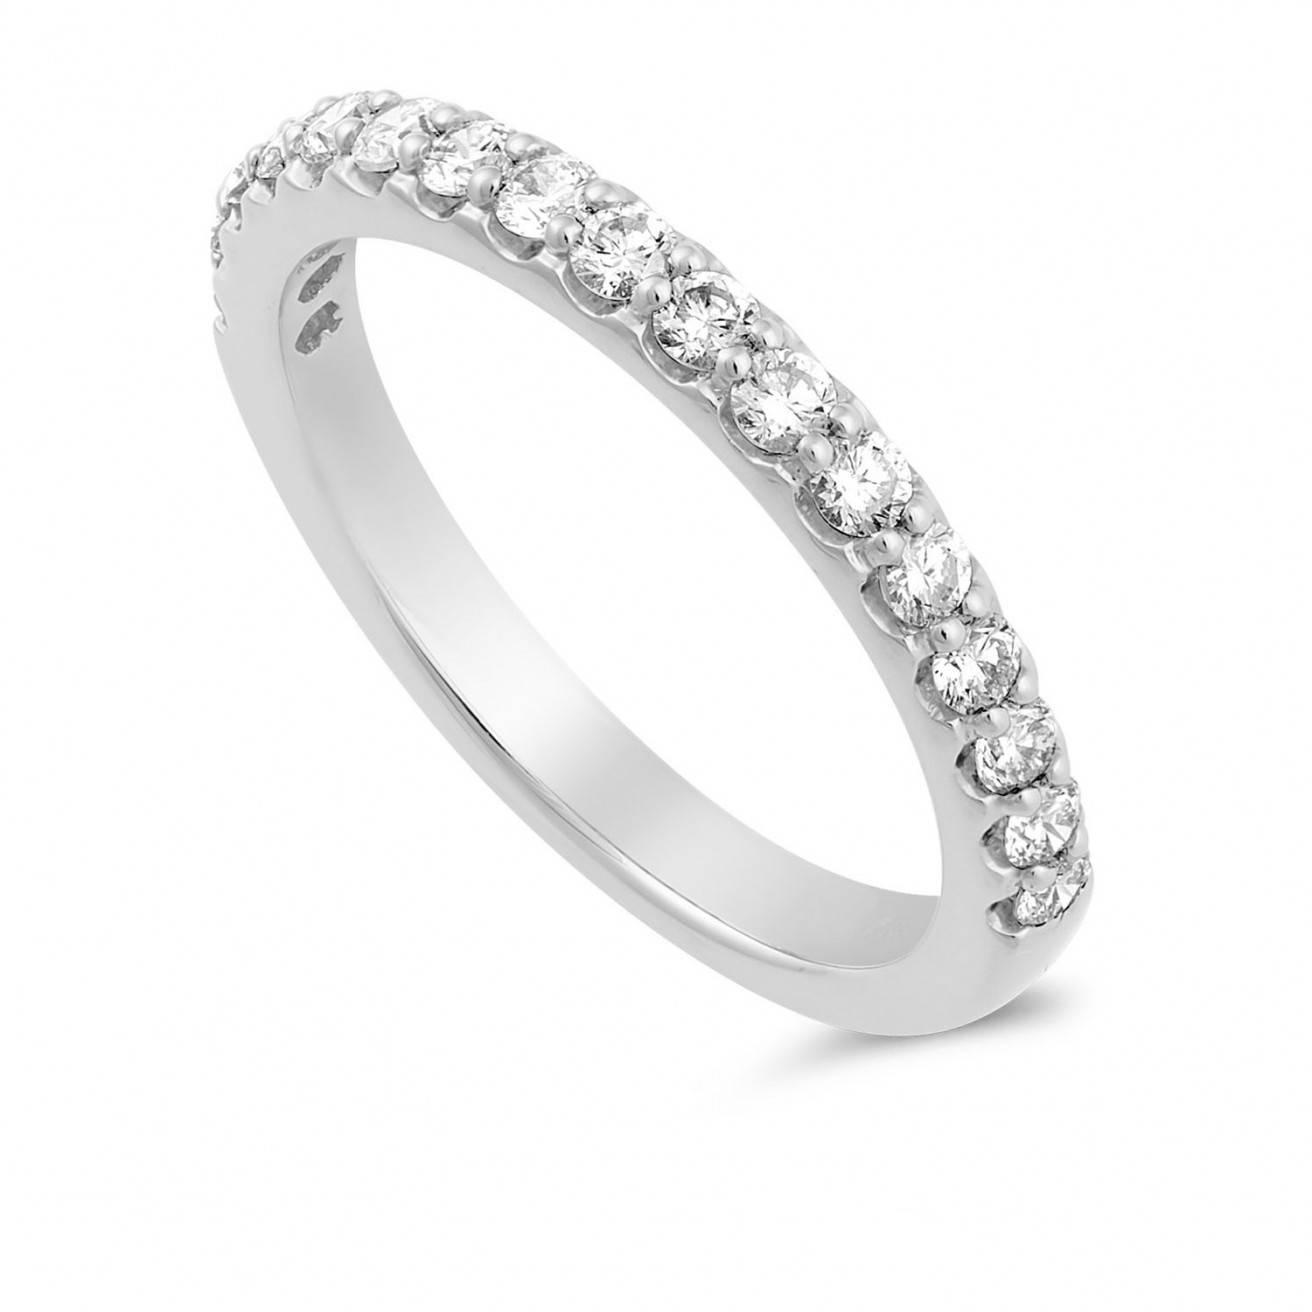 Buy Platinum Wedding Bands Online – Fraser Hart In Platinum Wedding Bands For Her (View 12 of 15)